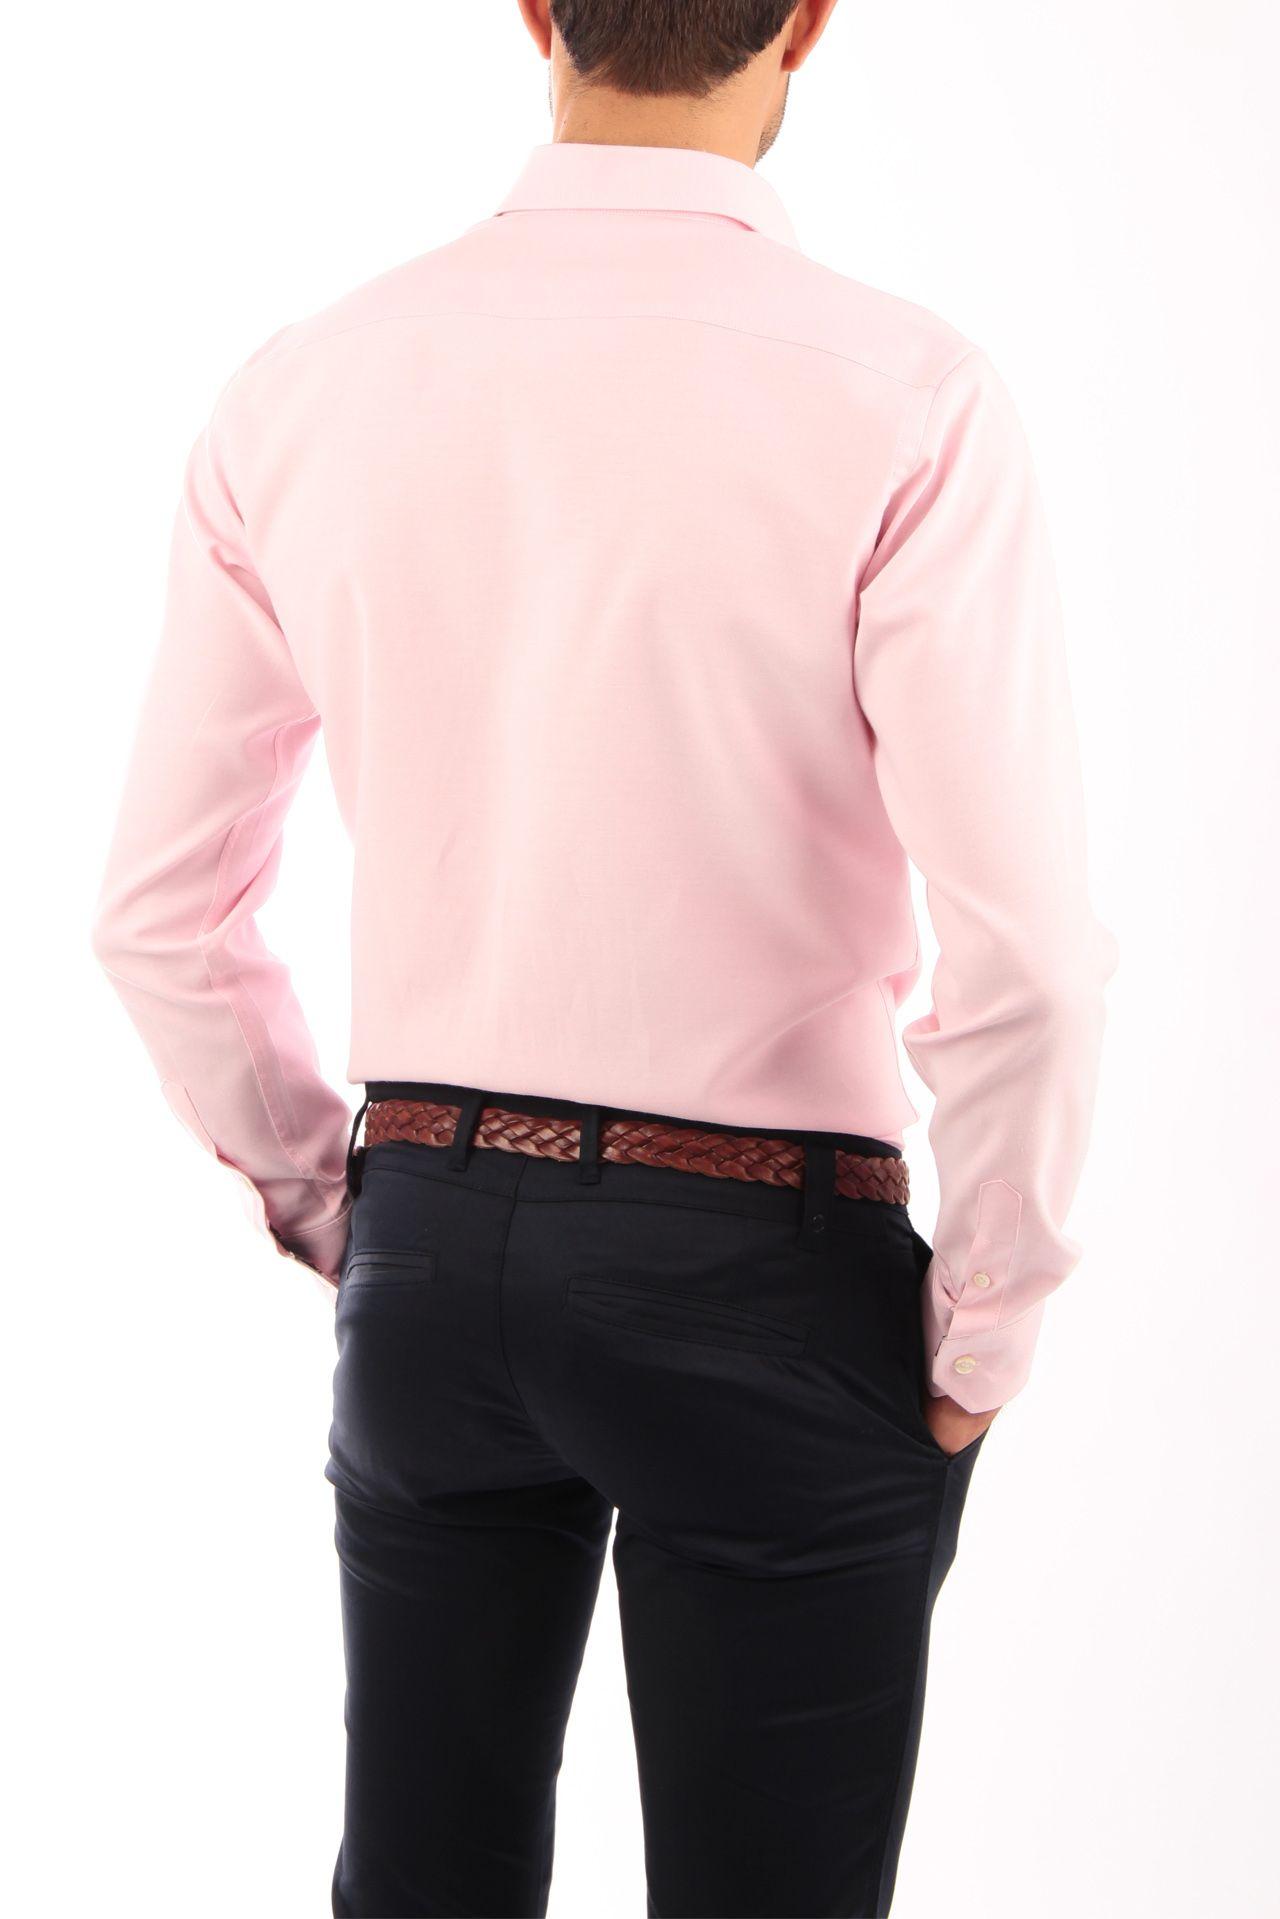 19f4c4c37e Camisa Oxford rosa con cinta escocesa azul. Detalles de cinta escocesa vista  de botones